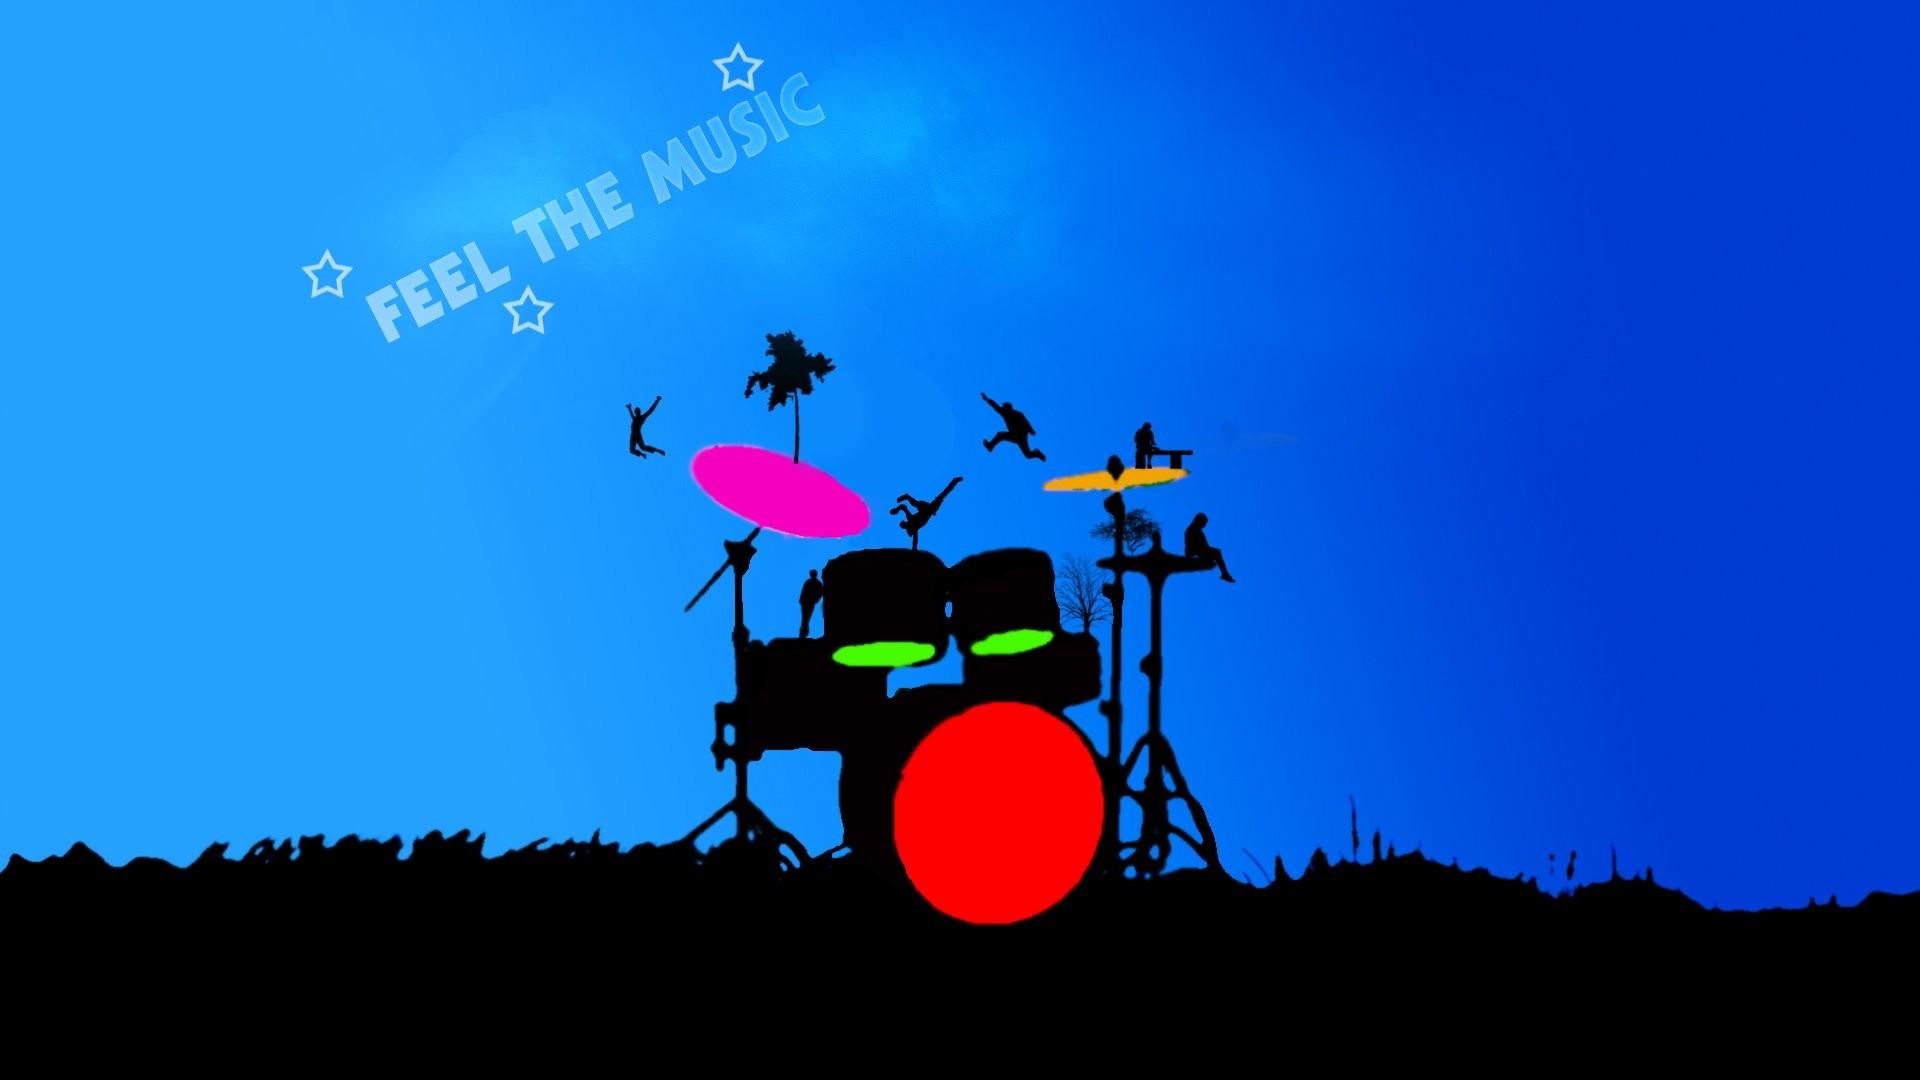 pearl drums wallpaper 183�� wallpapertag